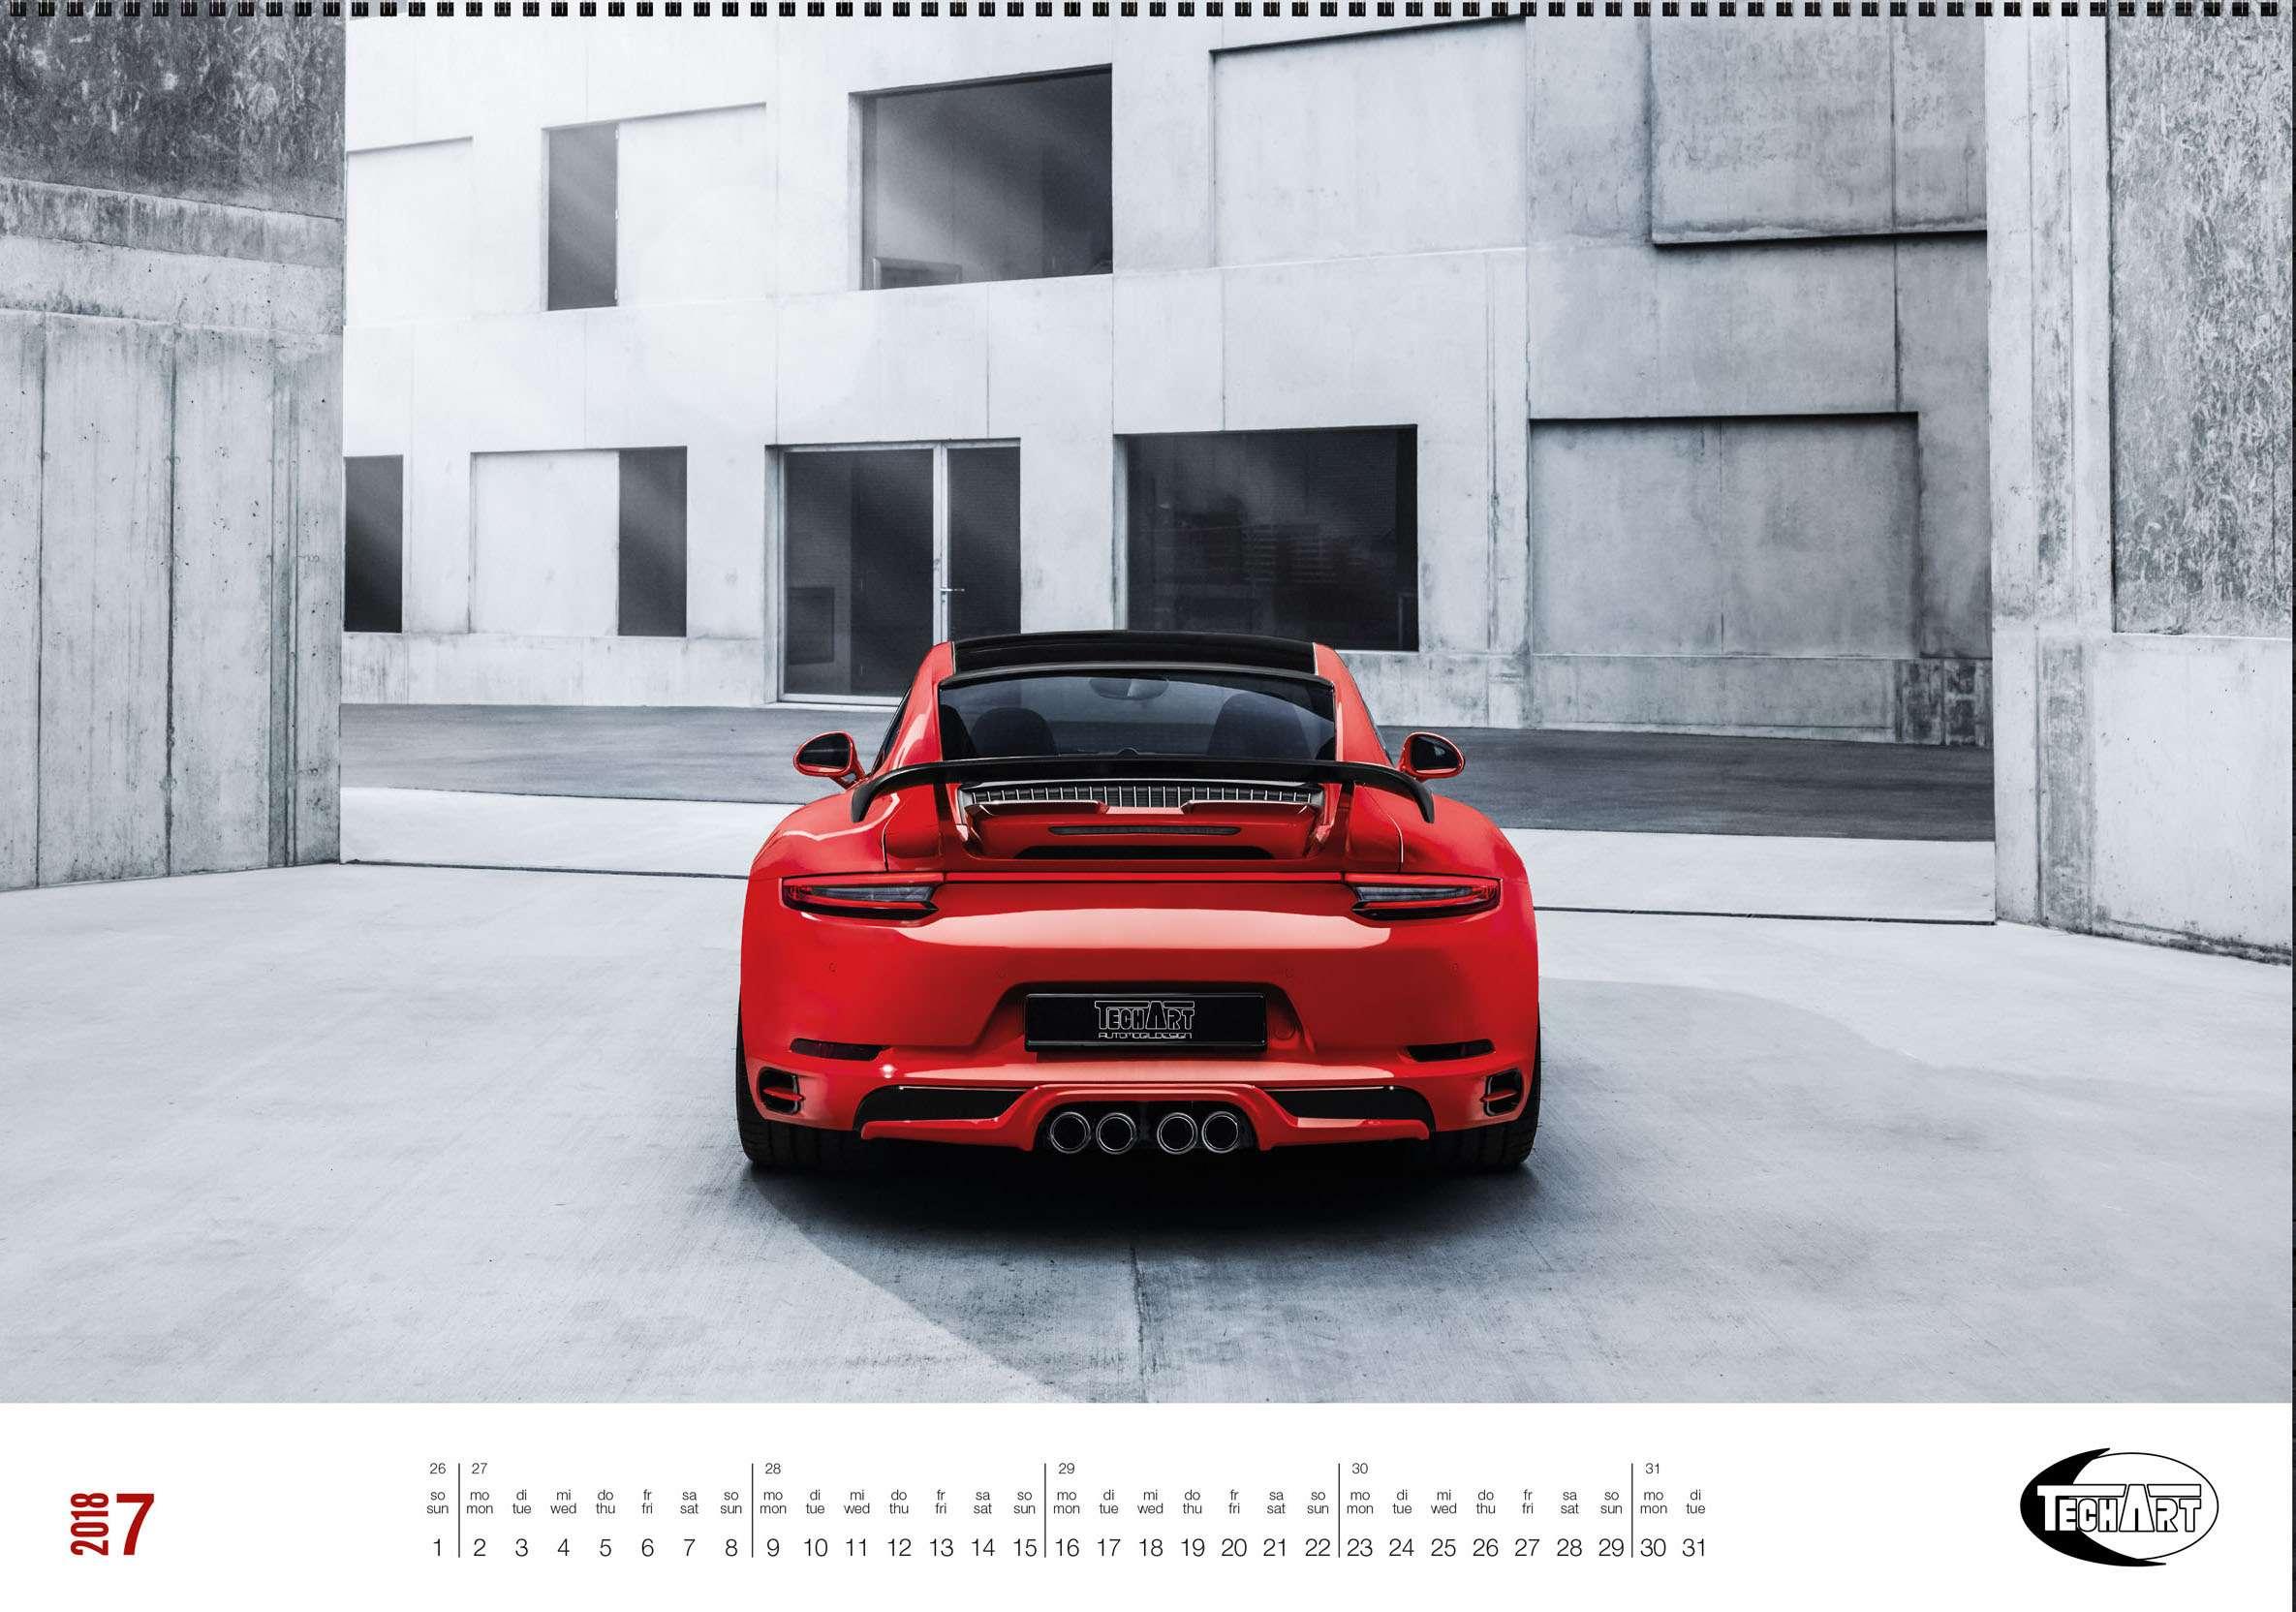 Только красивые машины: календарь Techart— фото 826393